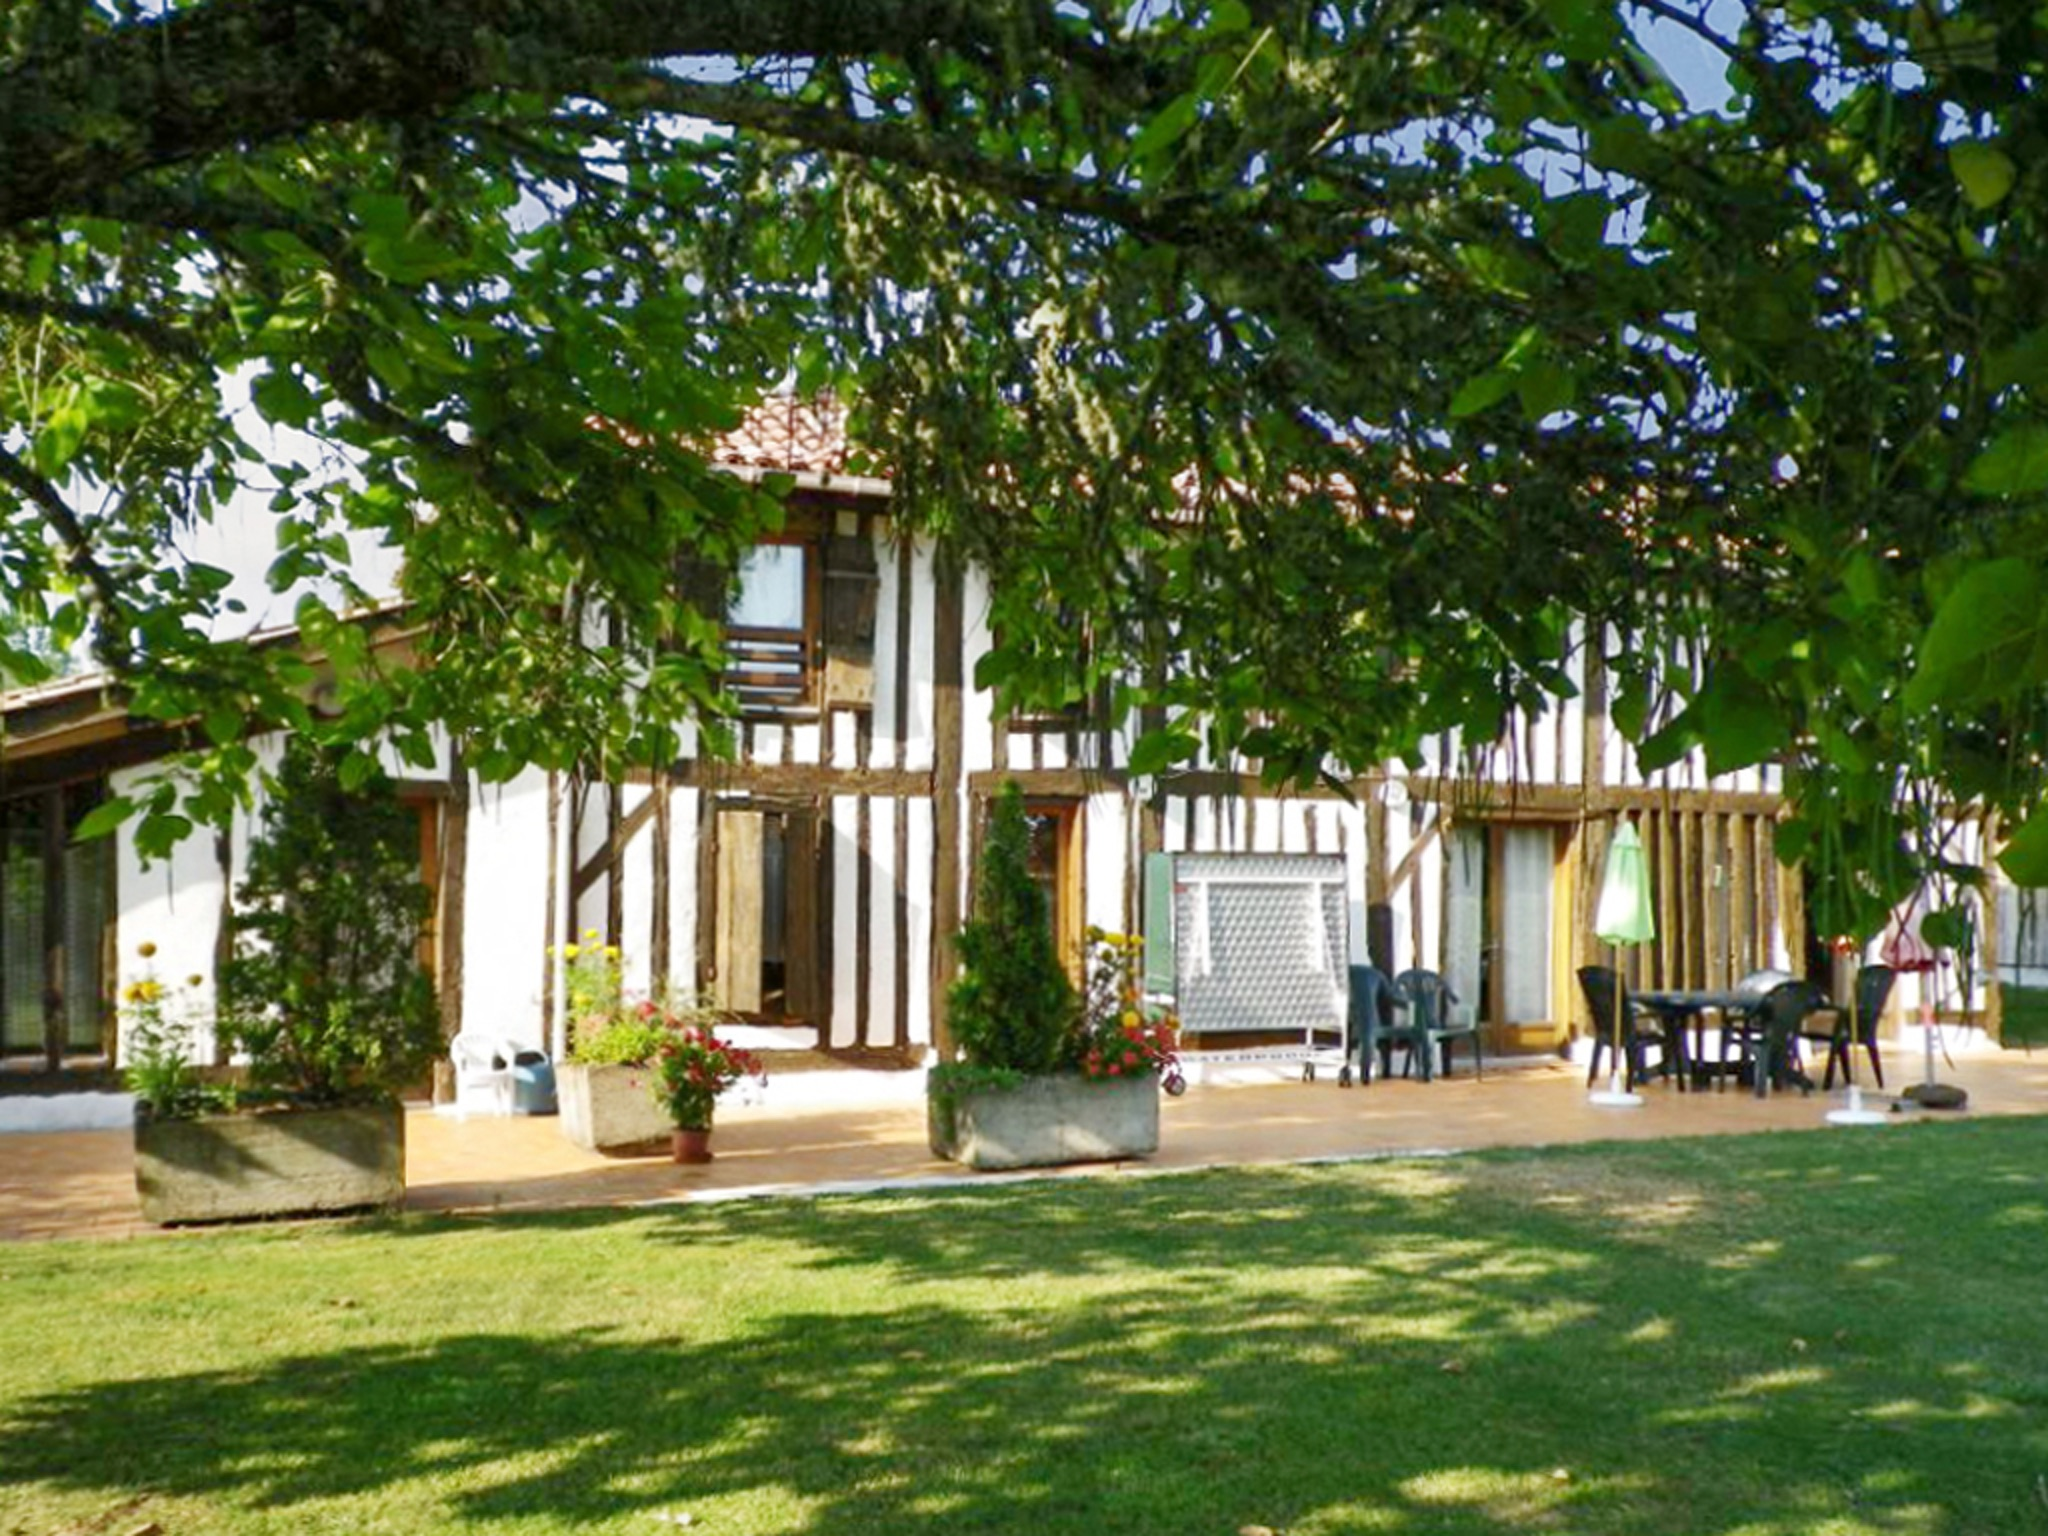 Ferienhaus Villa mit 4 Zimmern in Trensacq mit privatem Pool und möbliertem Garten - 45 km vom Strand (2202366), Trensacq, Landes, Aquitanien, Frankreich, Bild 33